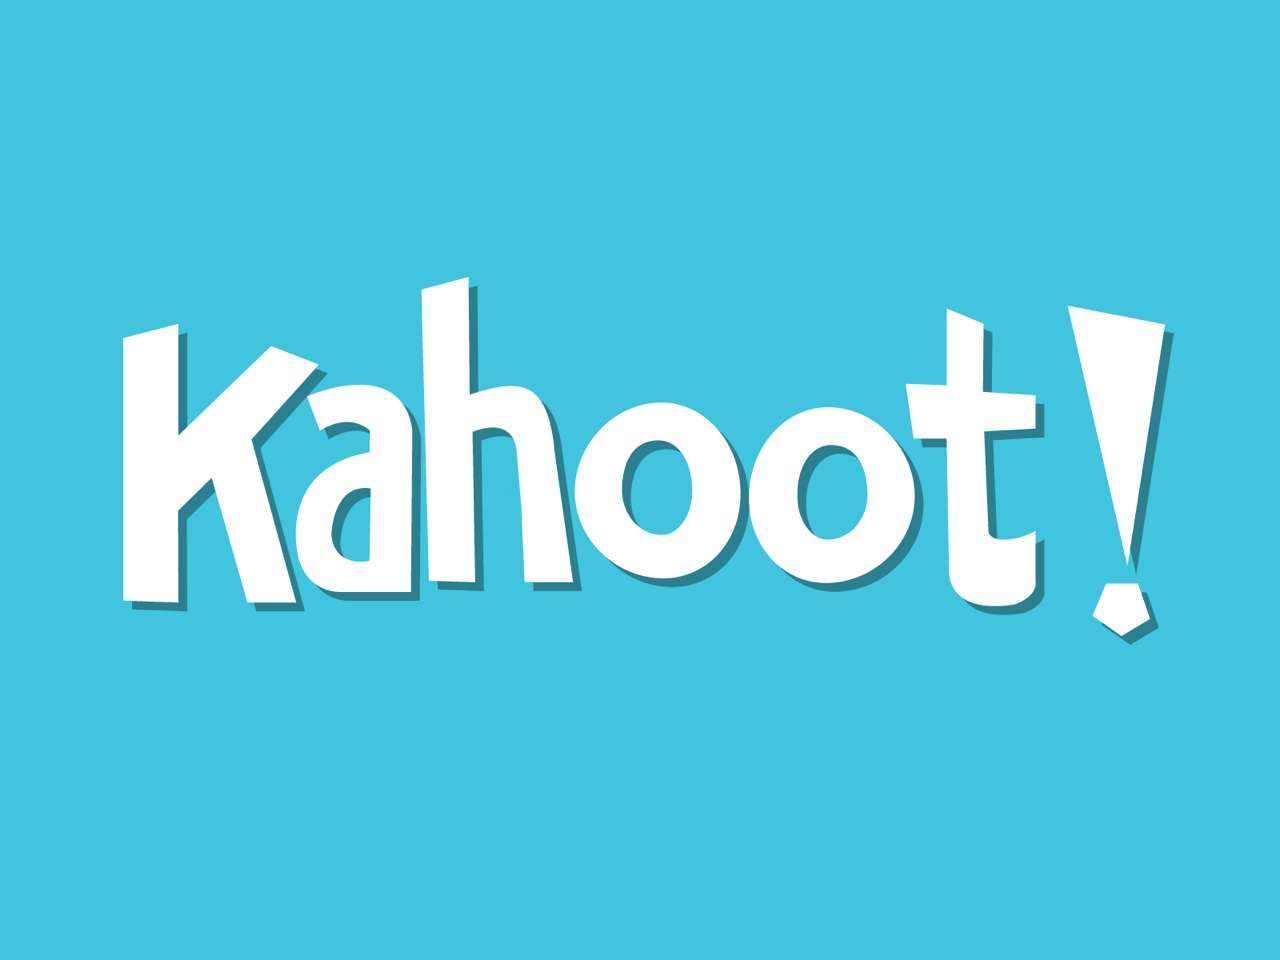 mooie kahoot game over beroepen sectoren play it now httpsplay kahootitk37d4ba20 8c7e 4b57 bf92 82a8552c8215